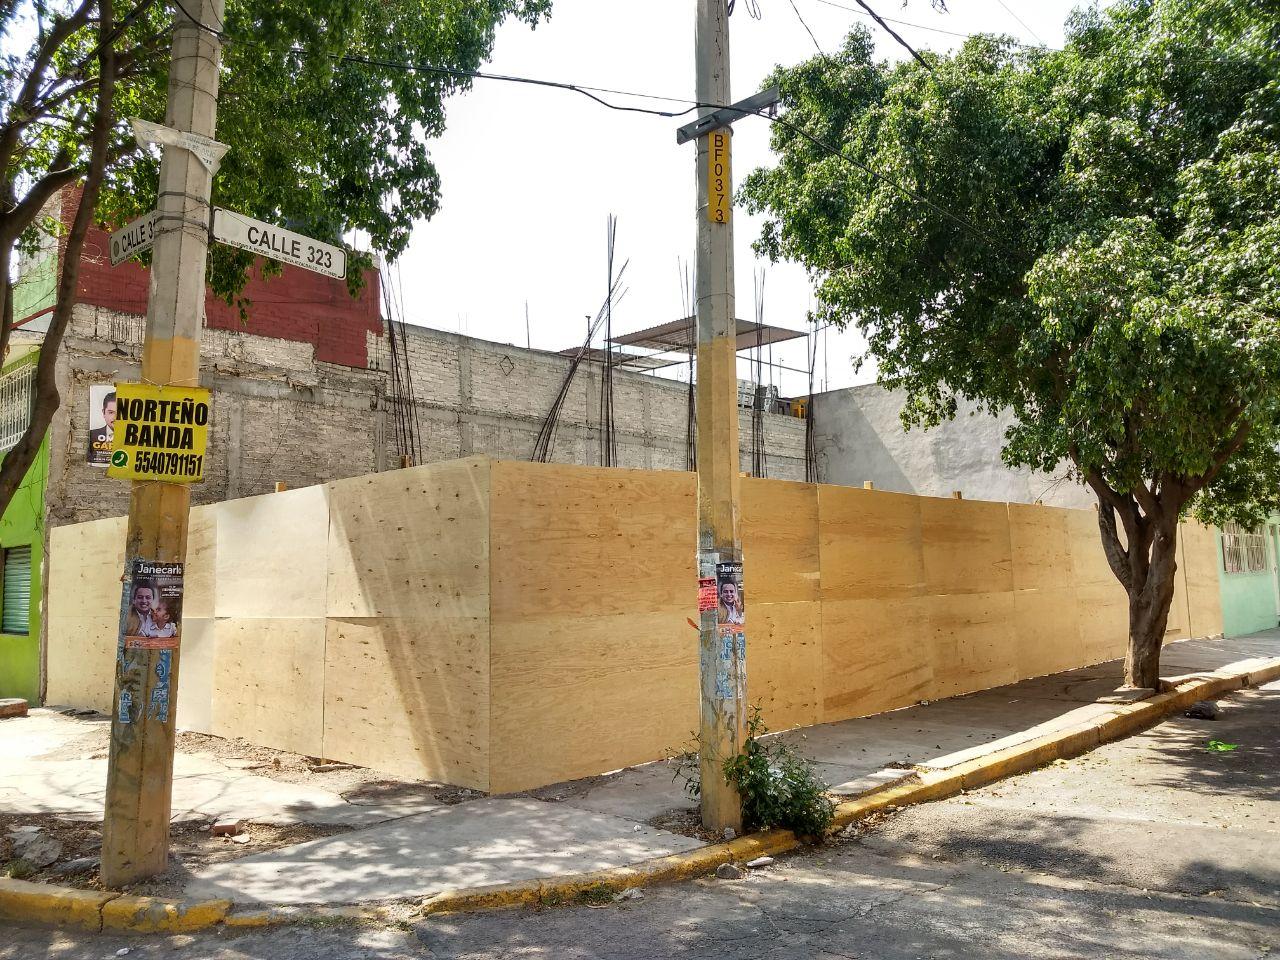 Calle 323 Final.jpeg